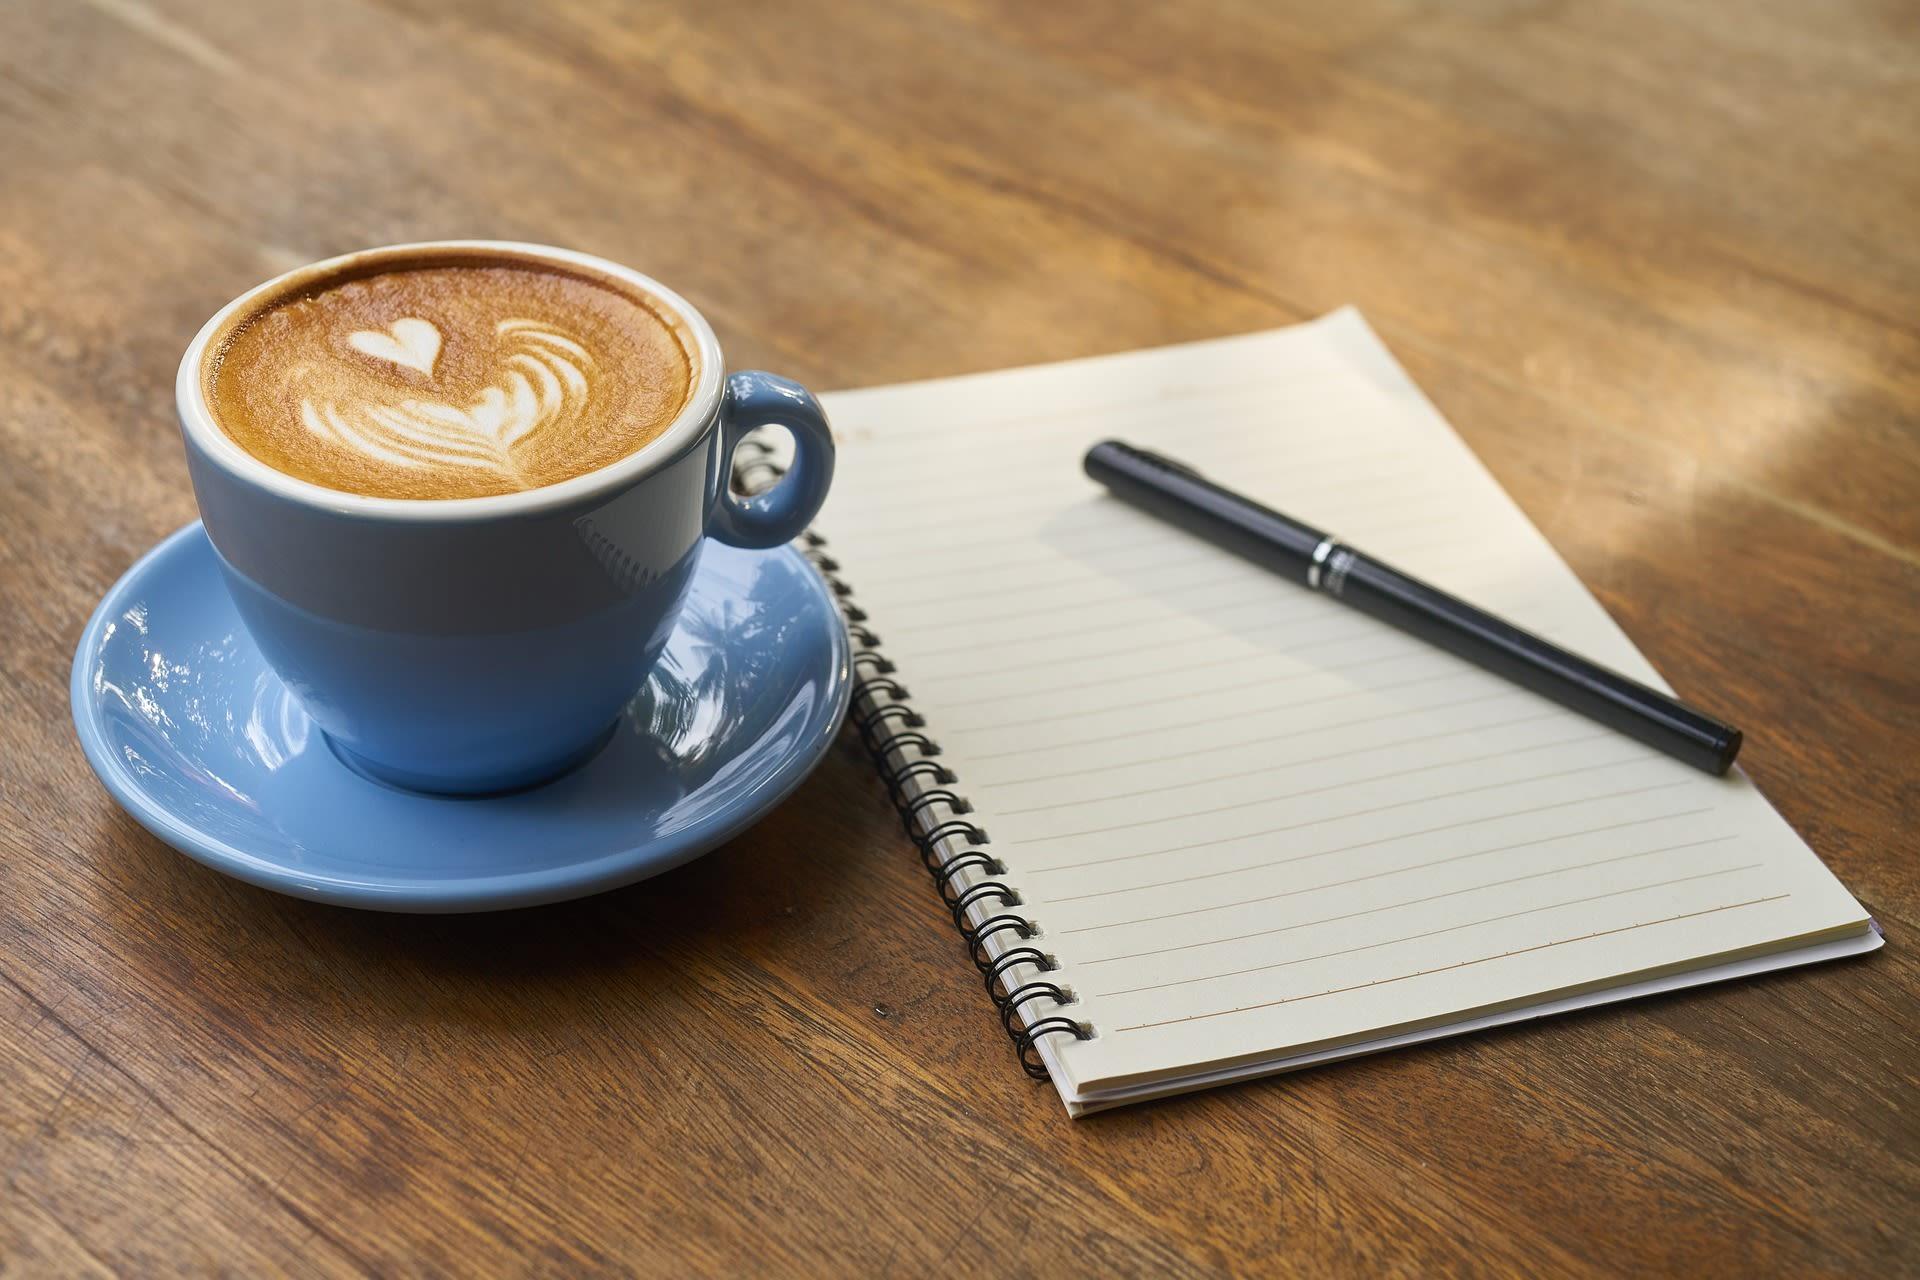 Kaffe, pen og papir.jpg